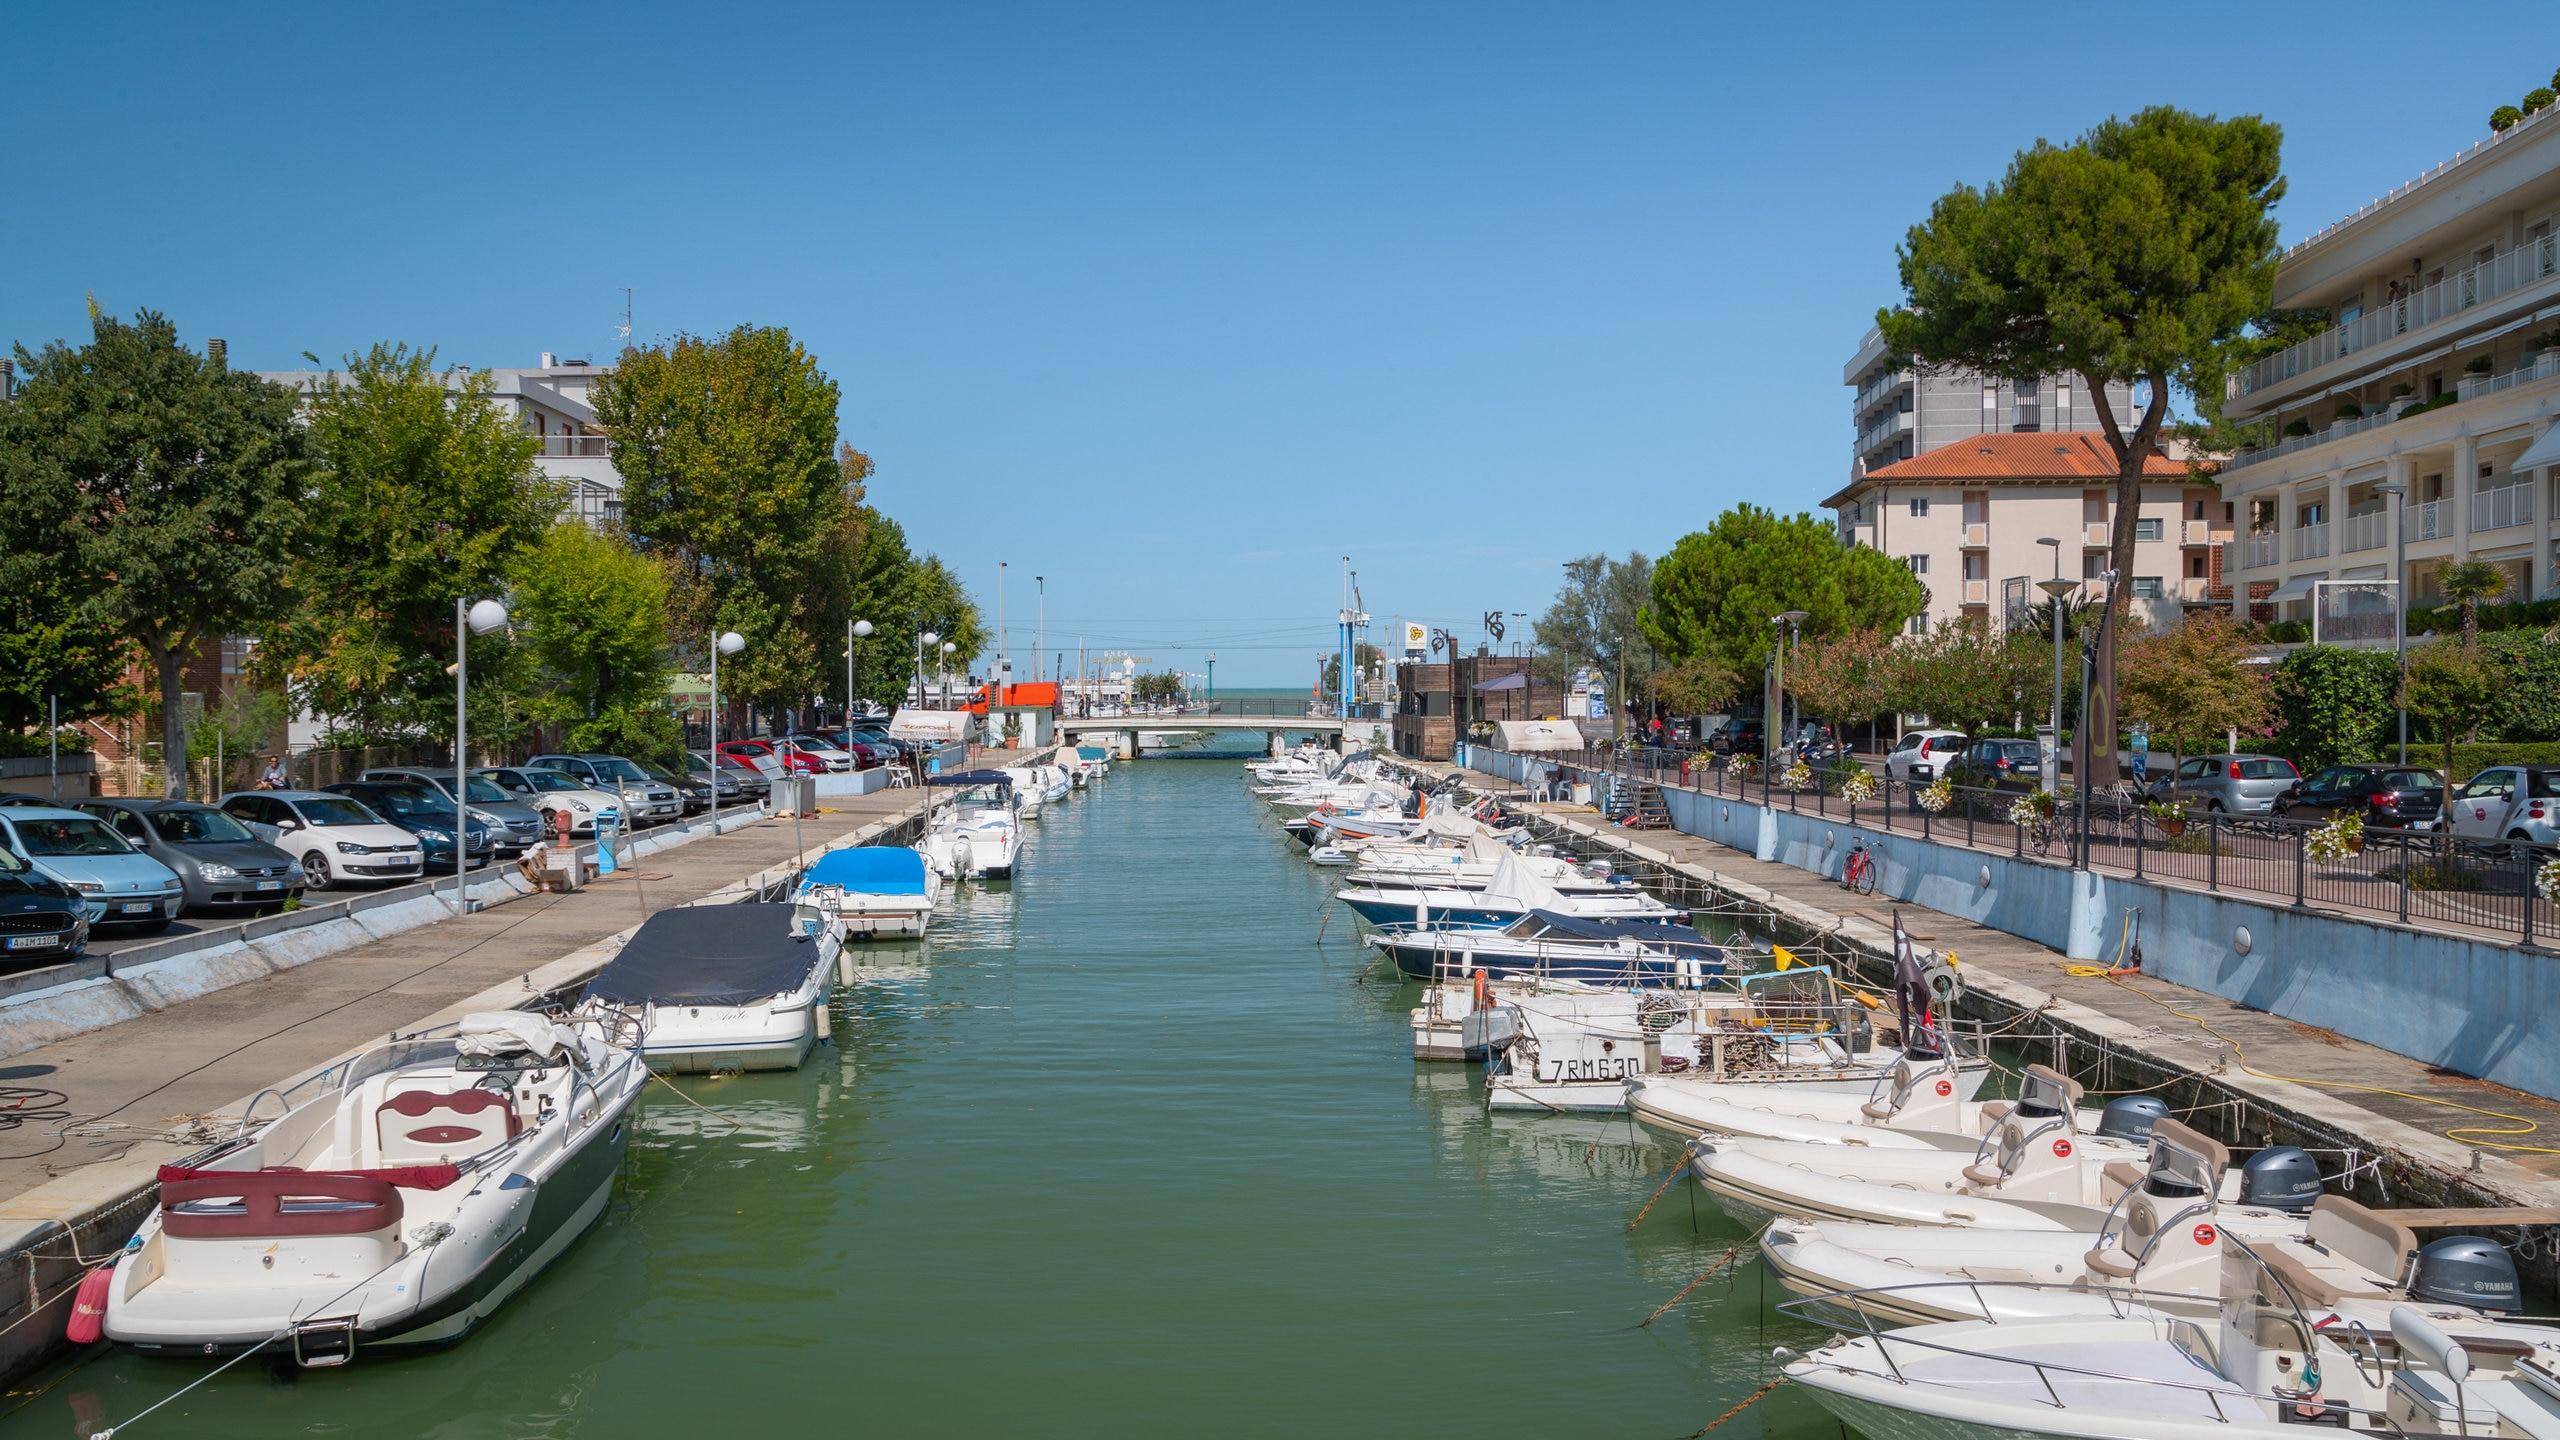 Su questa lunga e animata via a pochi minuti dal mare si affaccia un fantastico assortimento di negozi, ristoranti, bar e caffè.